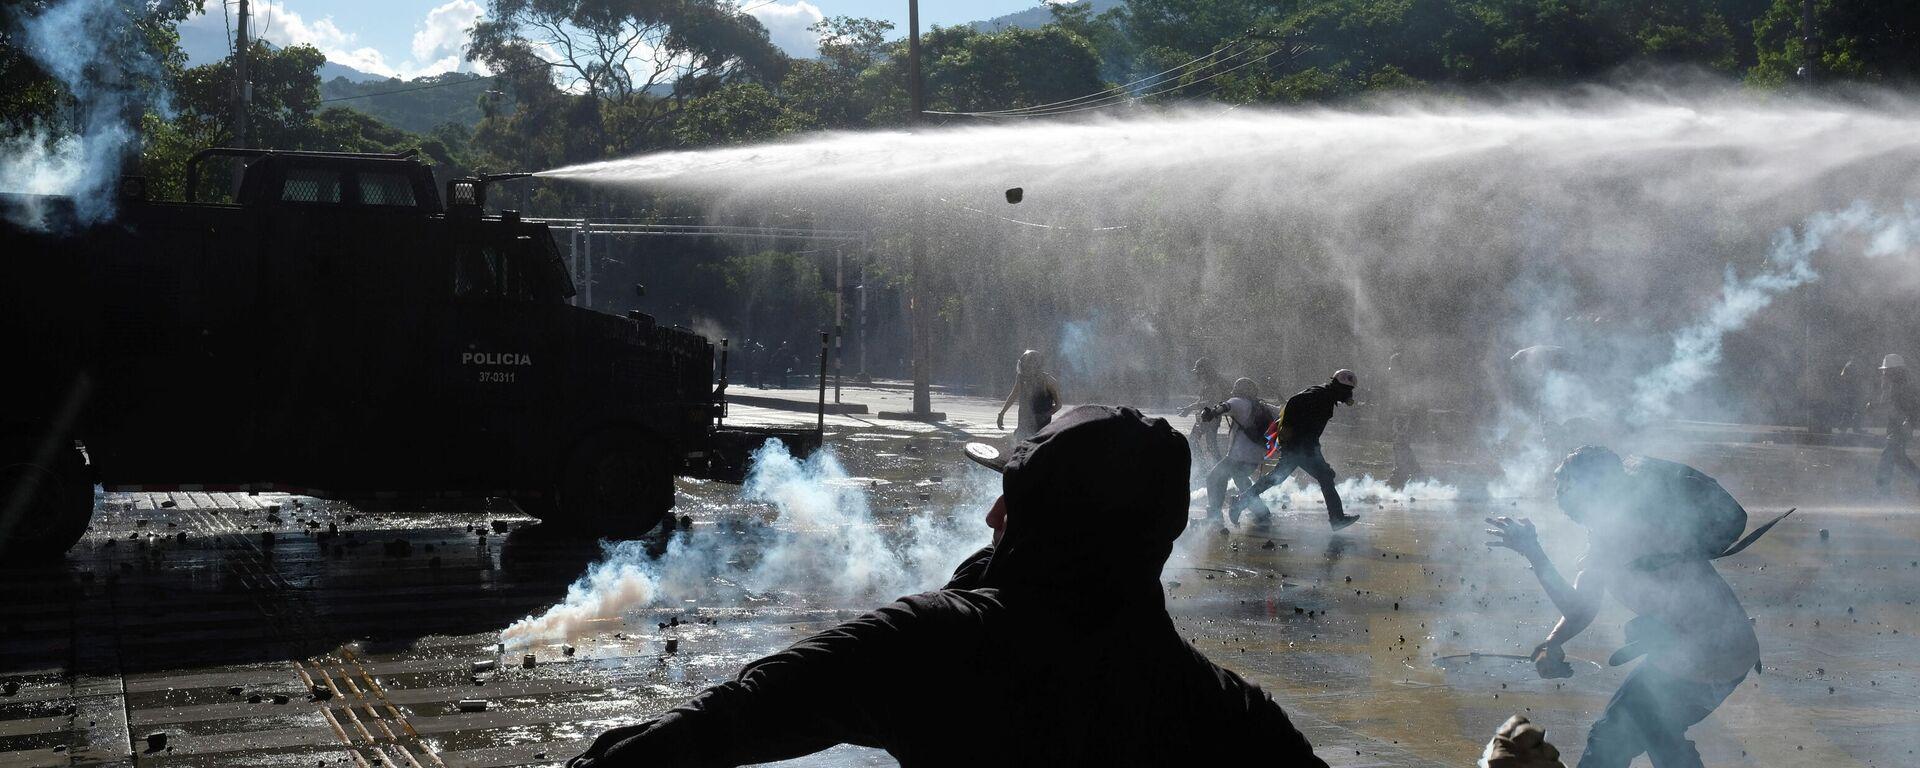 Protestas en Medellín, Colombia - Sputnik Mundo, 1920, 21.07.2021